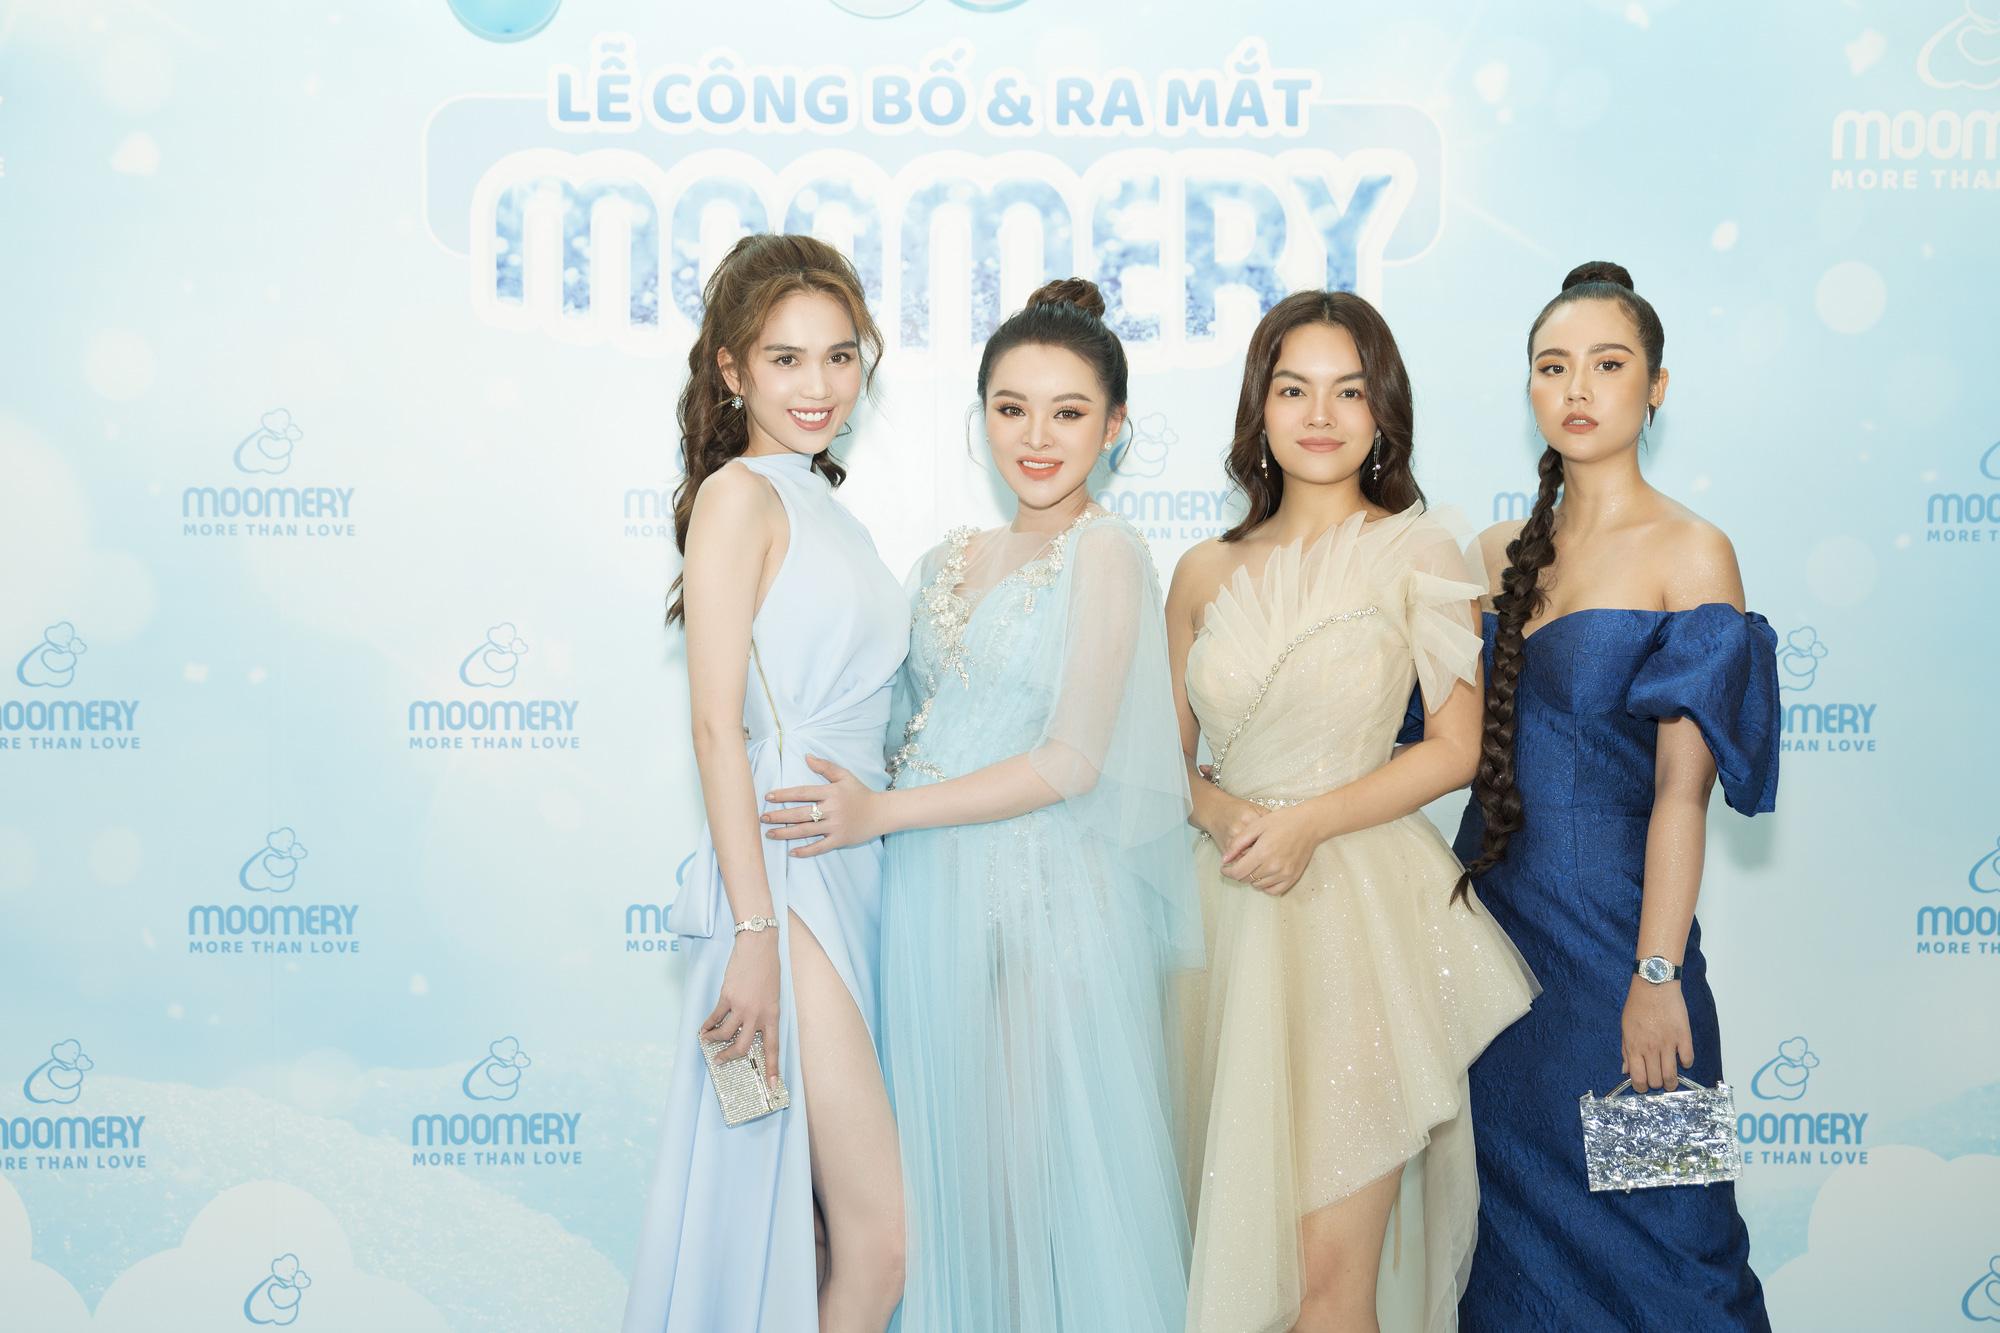 Ngọc Trinh khoe dáng nuột, hội ngộ Phạm Quỳnh Anh tại sự kiện - Ảnh 1.